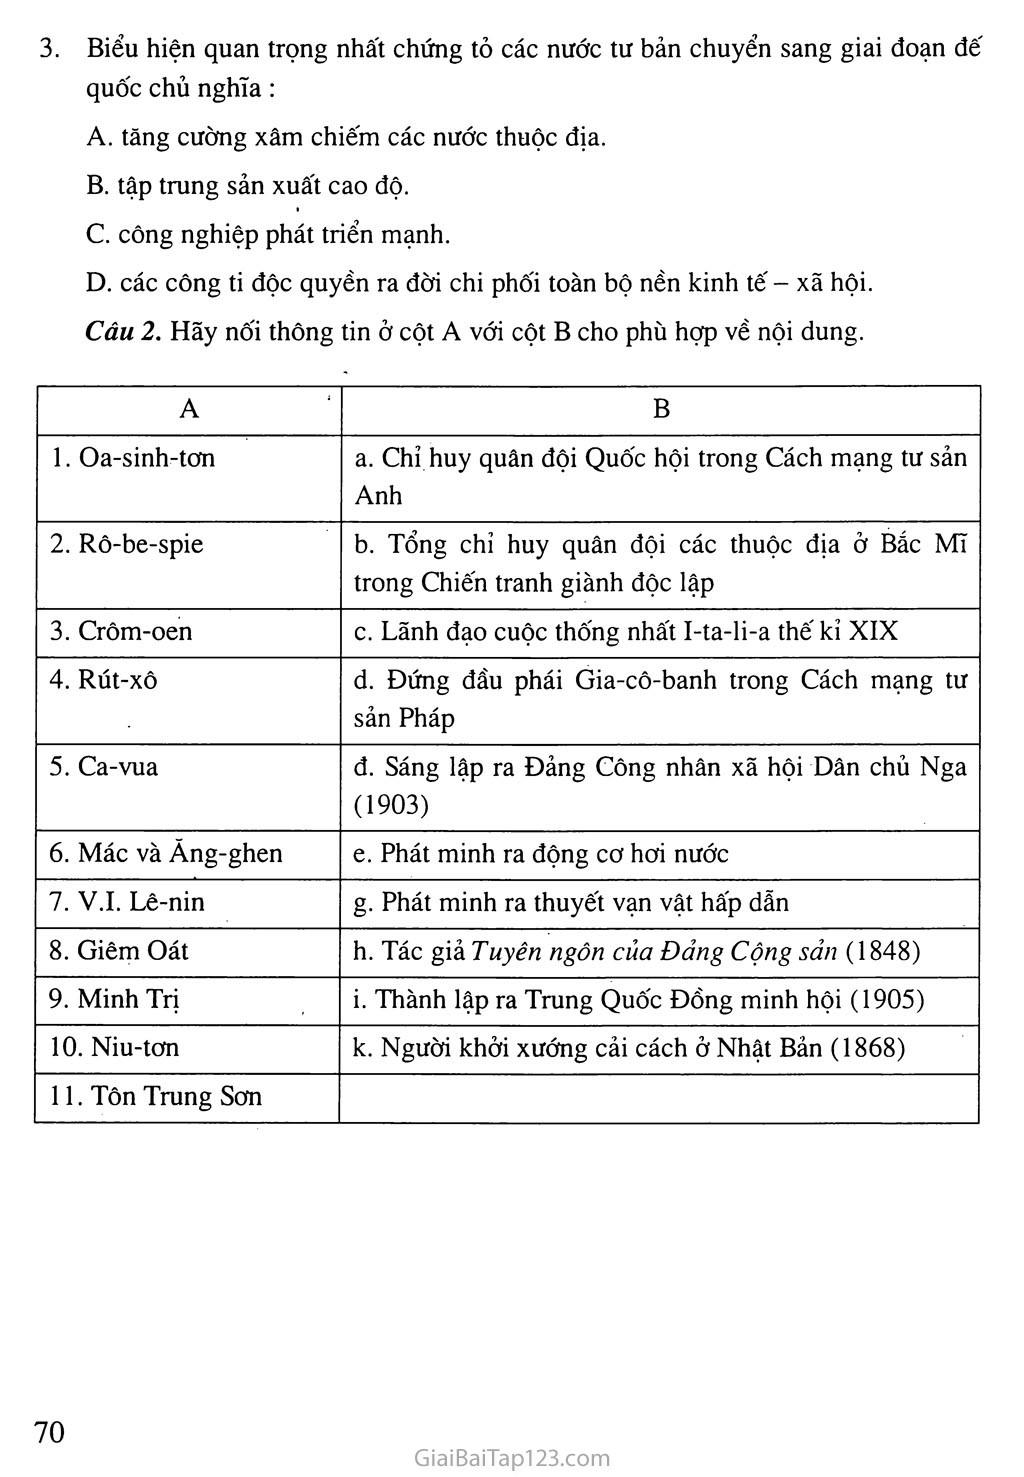 Bài 14: Ôn tập lịch sử thế giới cận đại (Từ giữa thế kỉ XVI đến năm 1917) trang 5